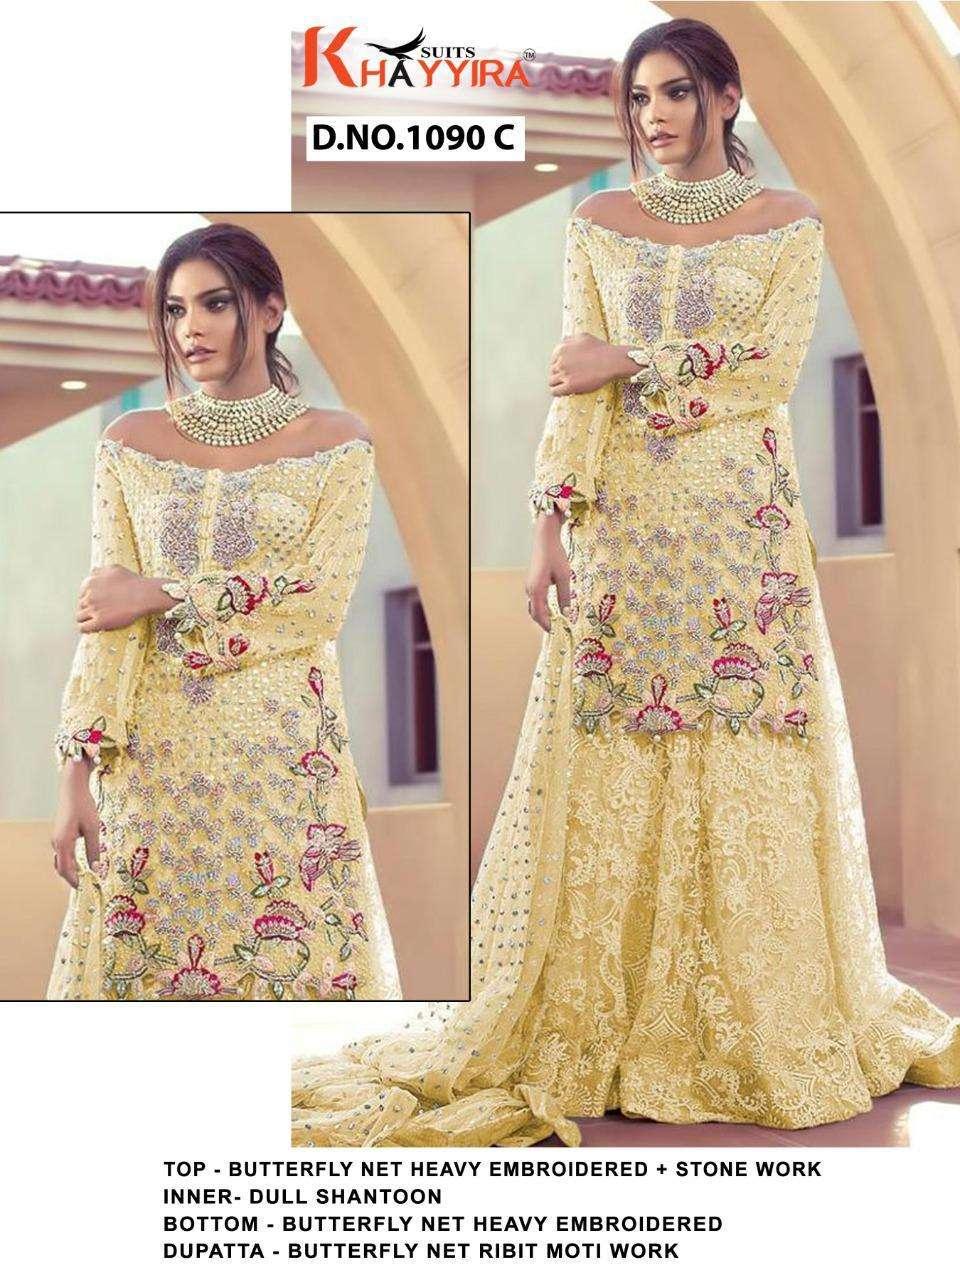 khayyira saira 1090 butterfly net pakistani designer suits